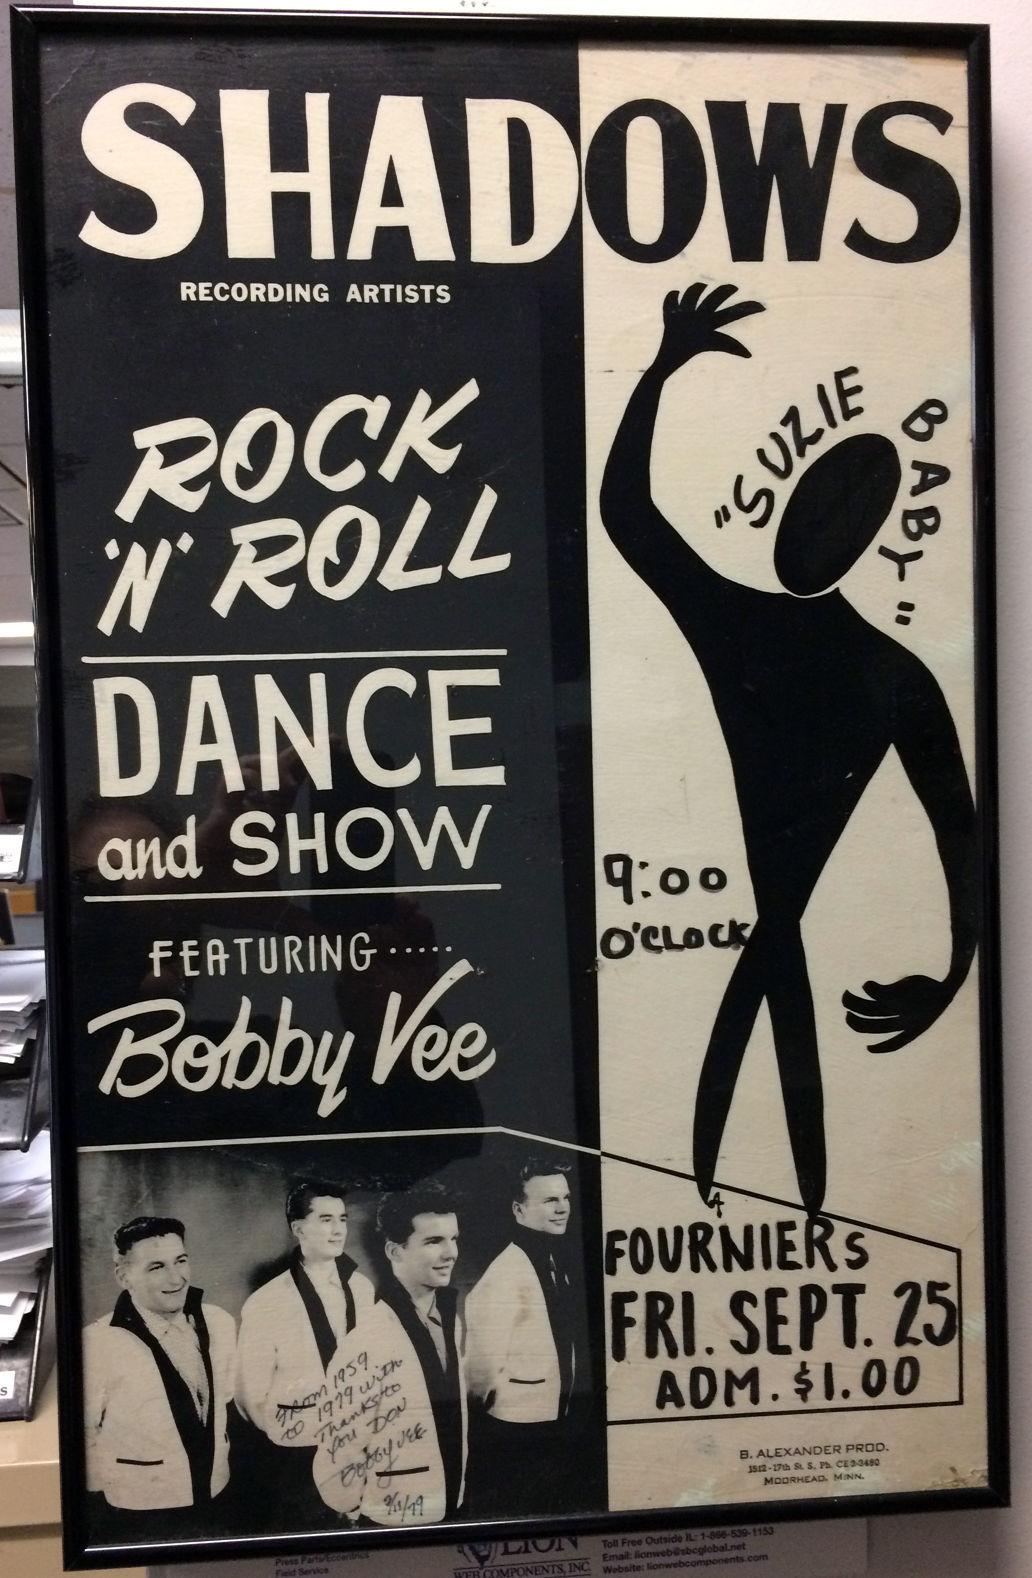 Bobby Vee poster